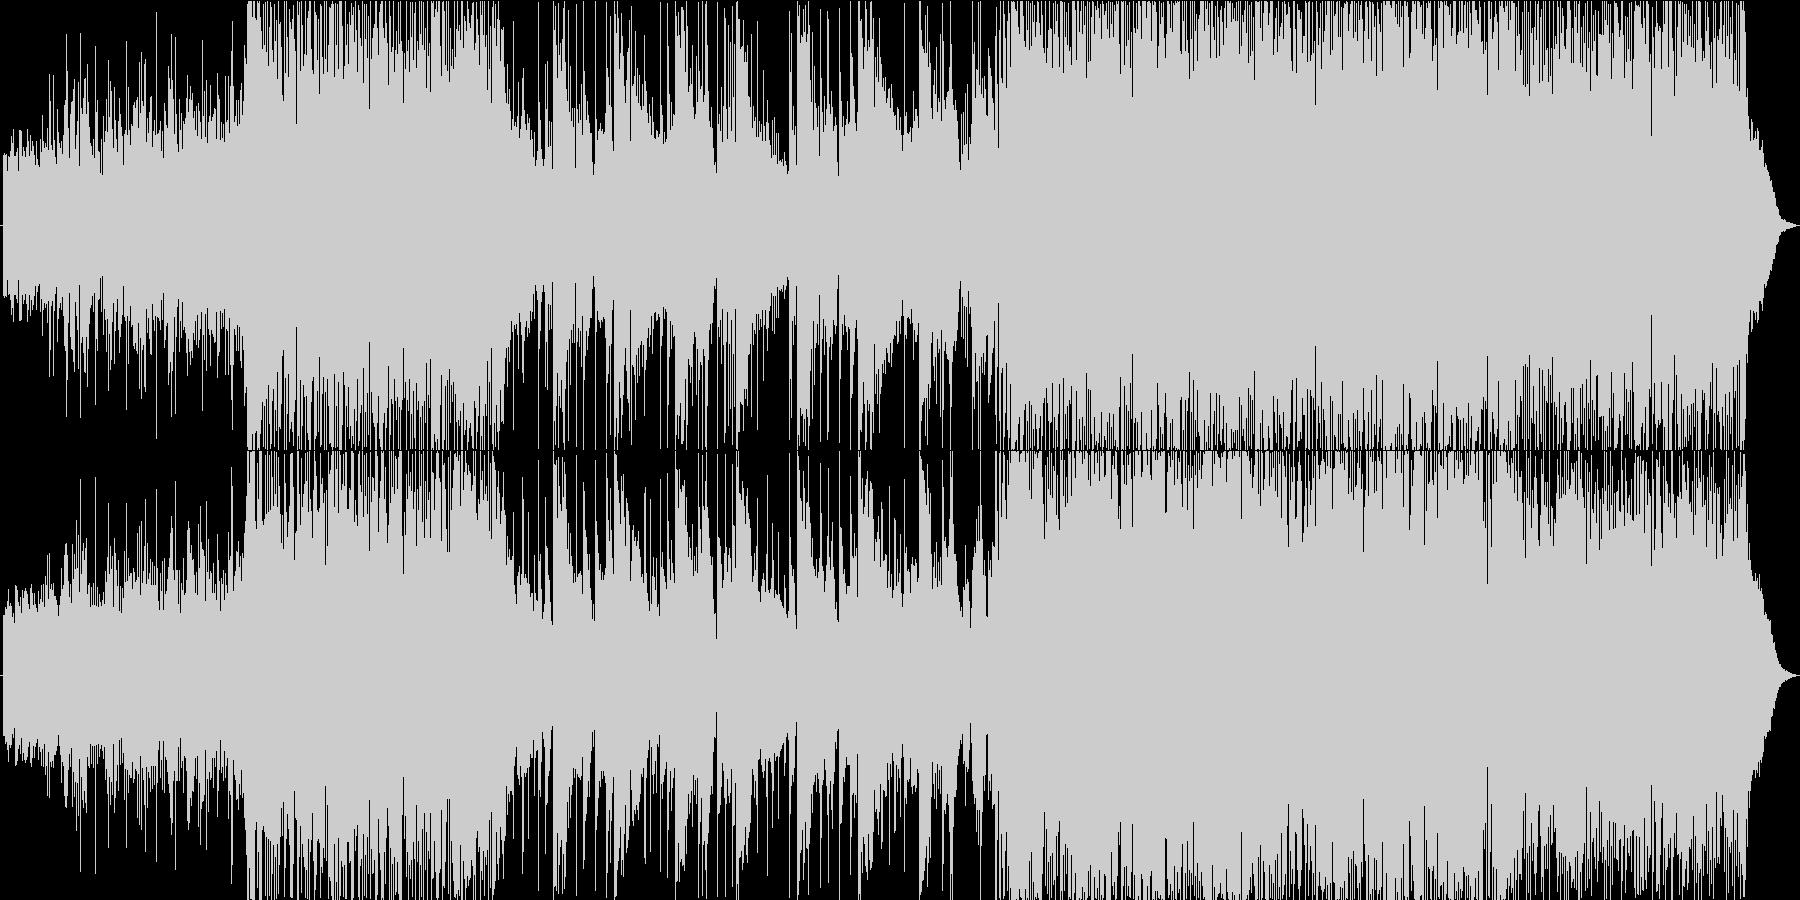 和風でエレクトロニカの躍動的な楽曲の未再生の波形